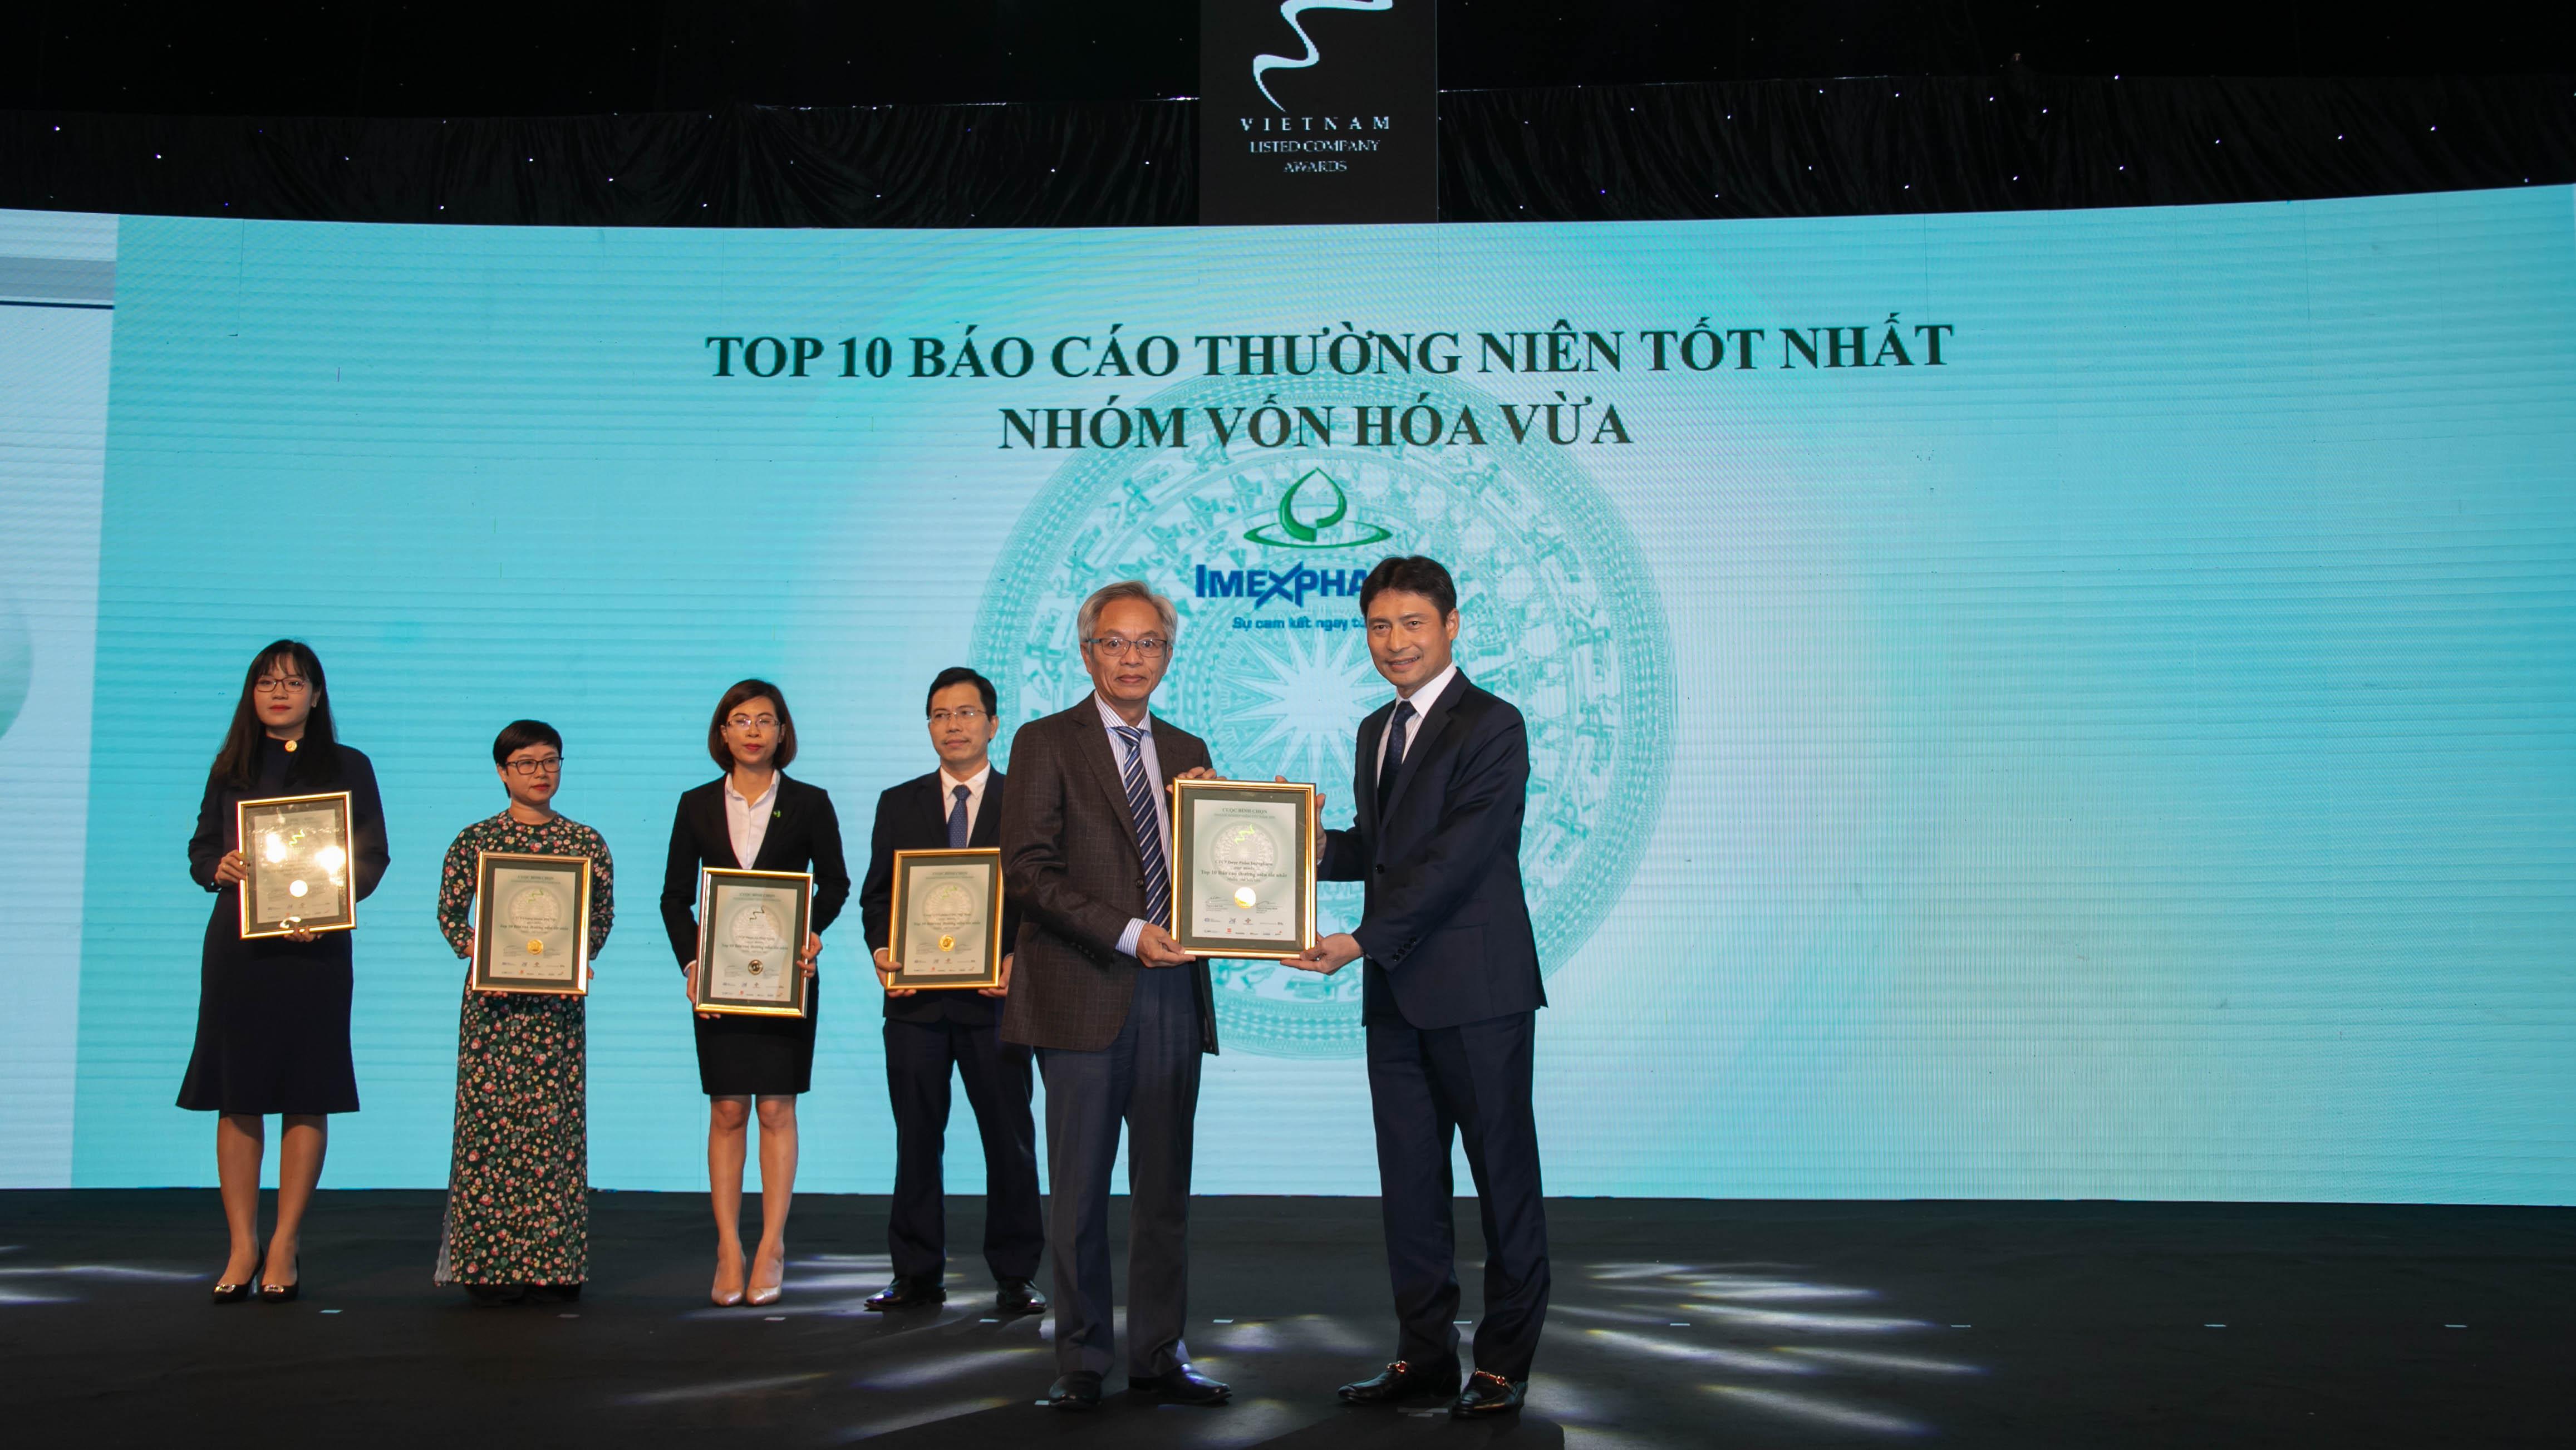 https://www.aravietnam.vn/wp-content/uploads/2020/12/IMG_8733.jpg